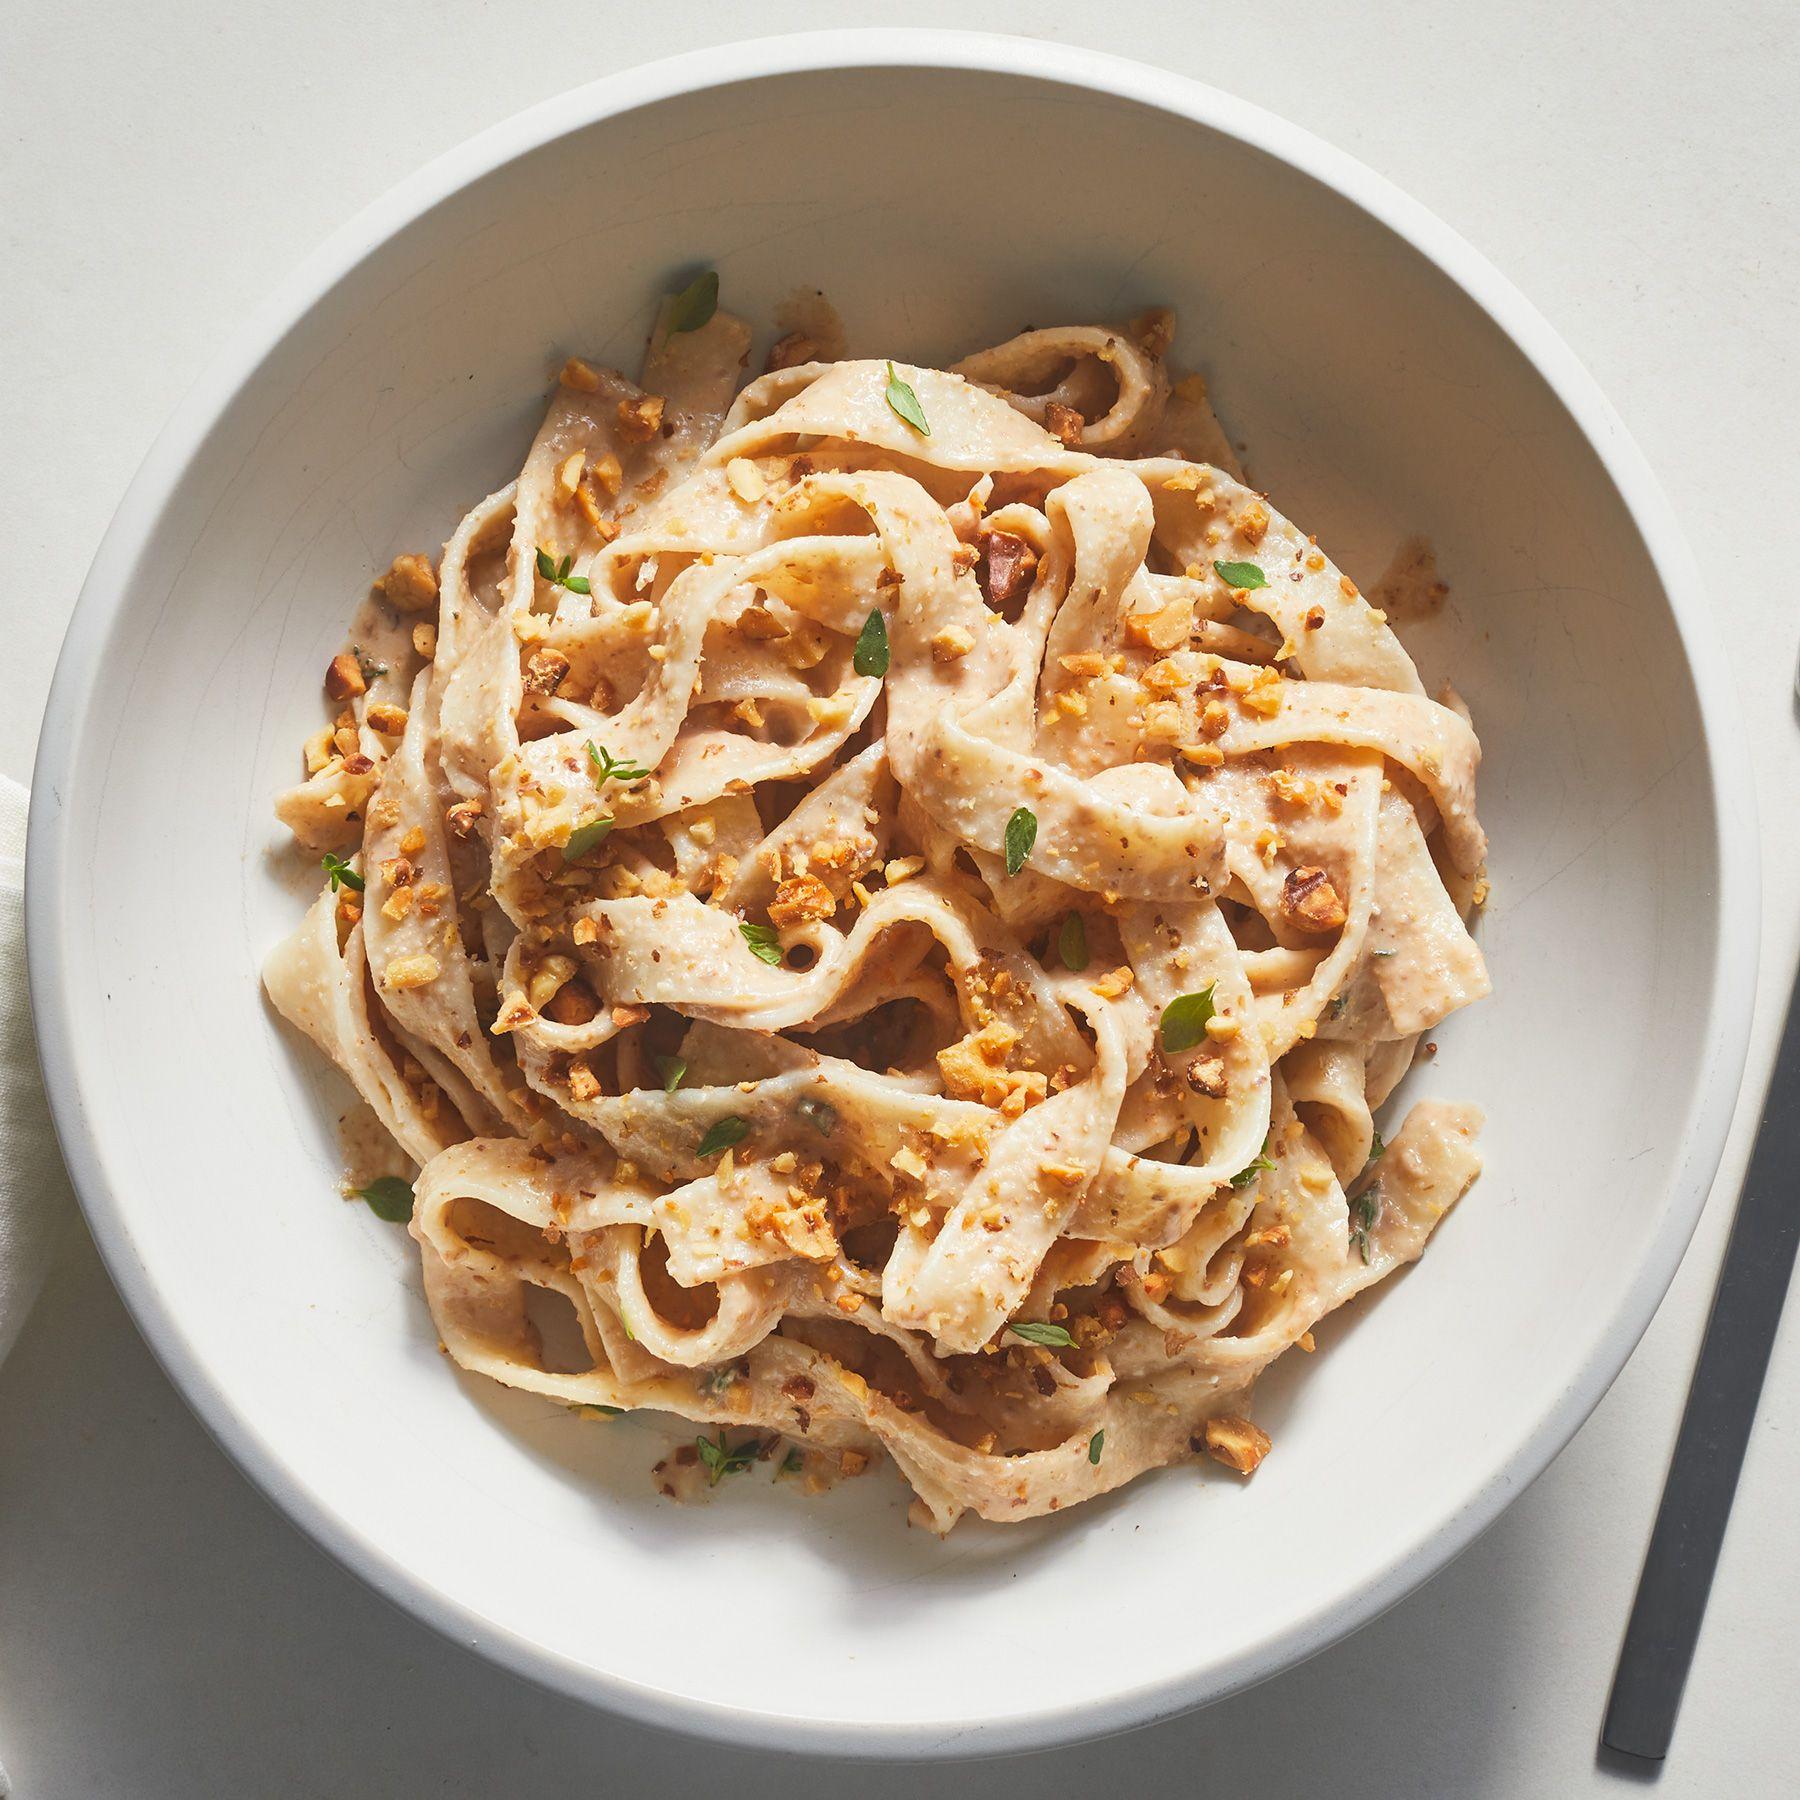 Creamy Walnut Pasta Recipe Recipes Pasta Recipes Pasta